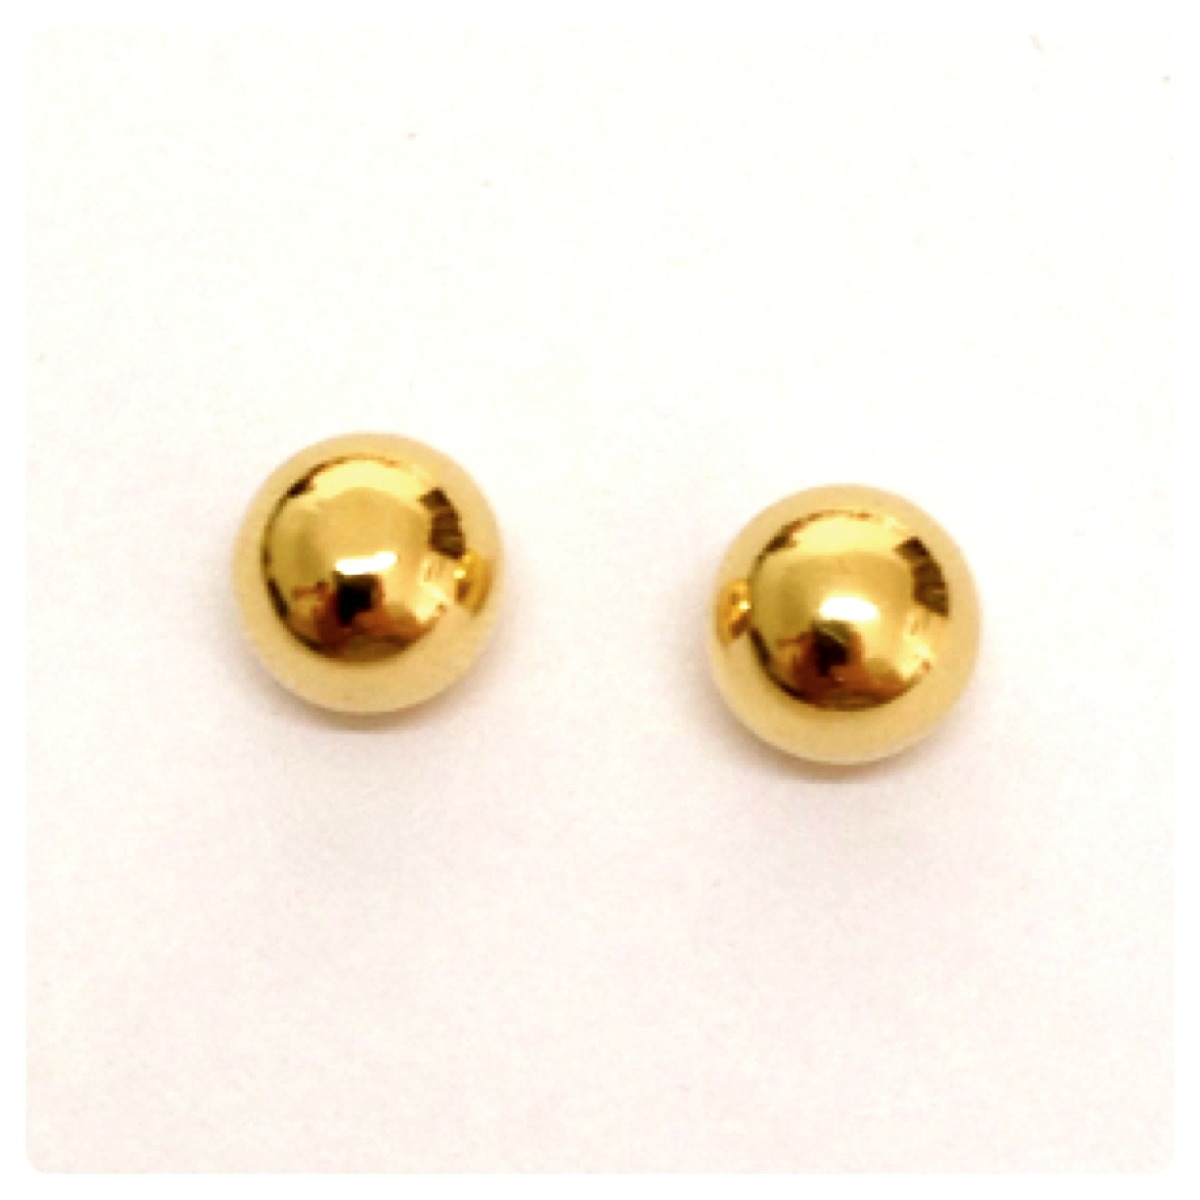 Par De Brinco Bolinha 4mm Em Ouro 18k-750 - R  135,00 em Mercado Livre c715385453